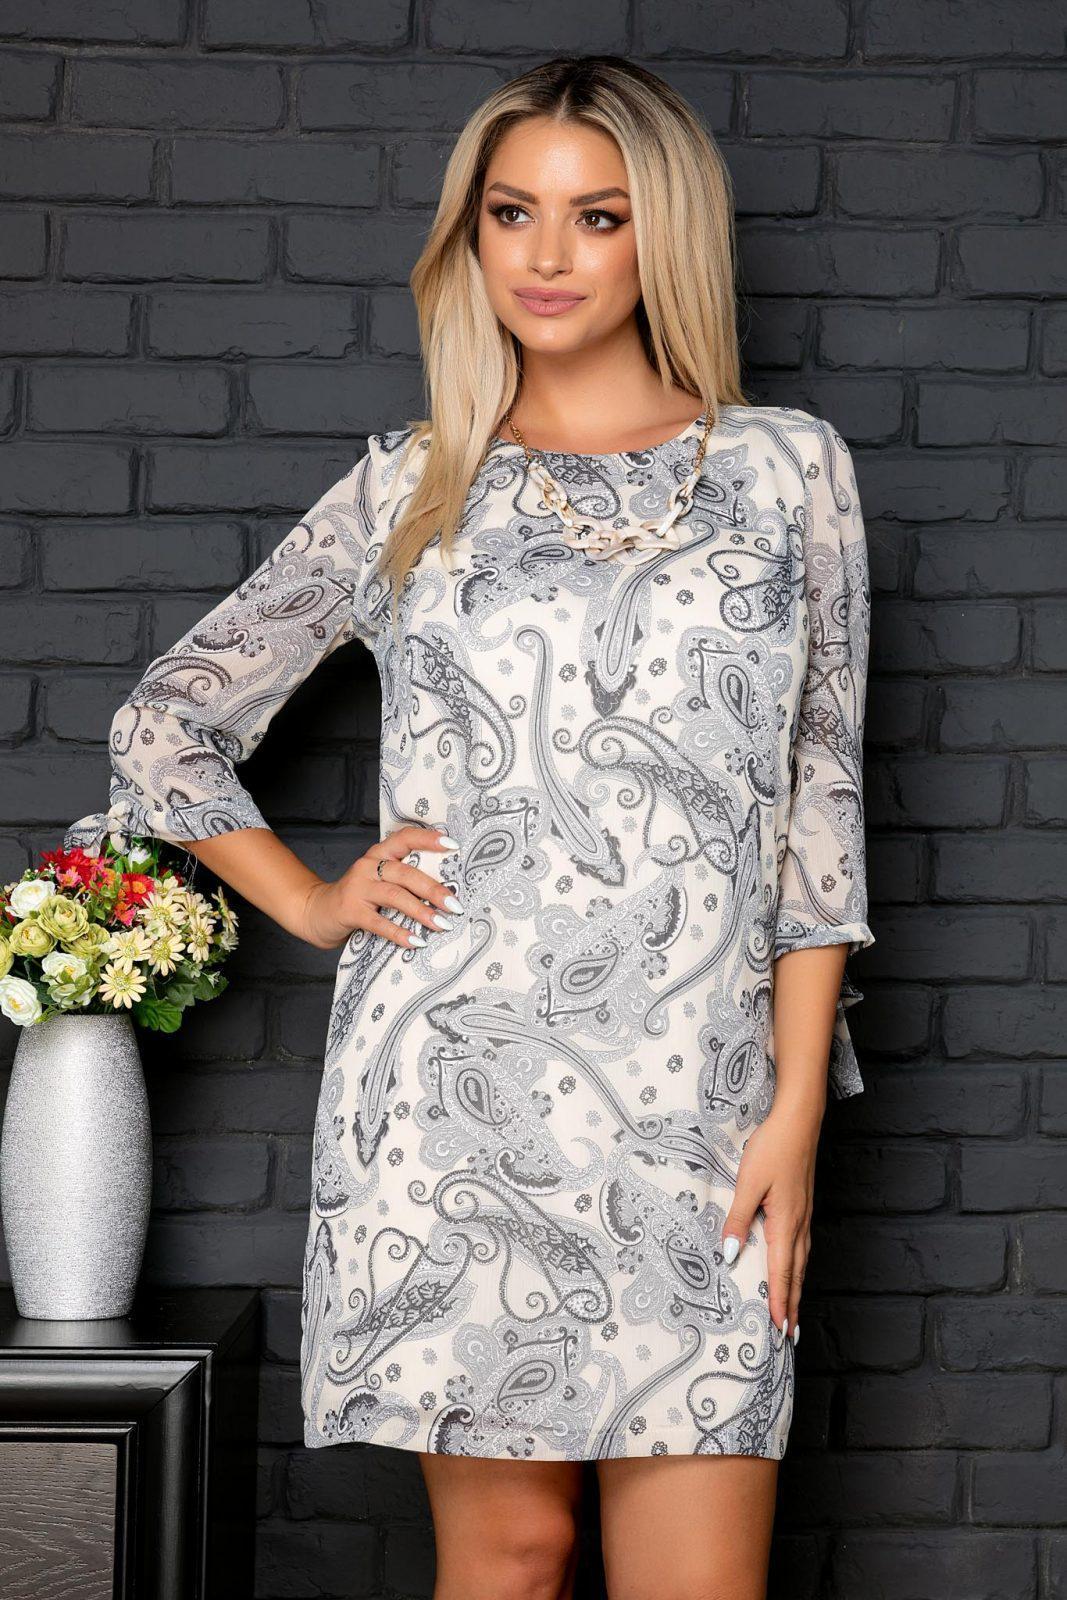 Gilda Ivory Dress